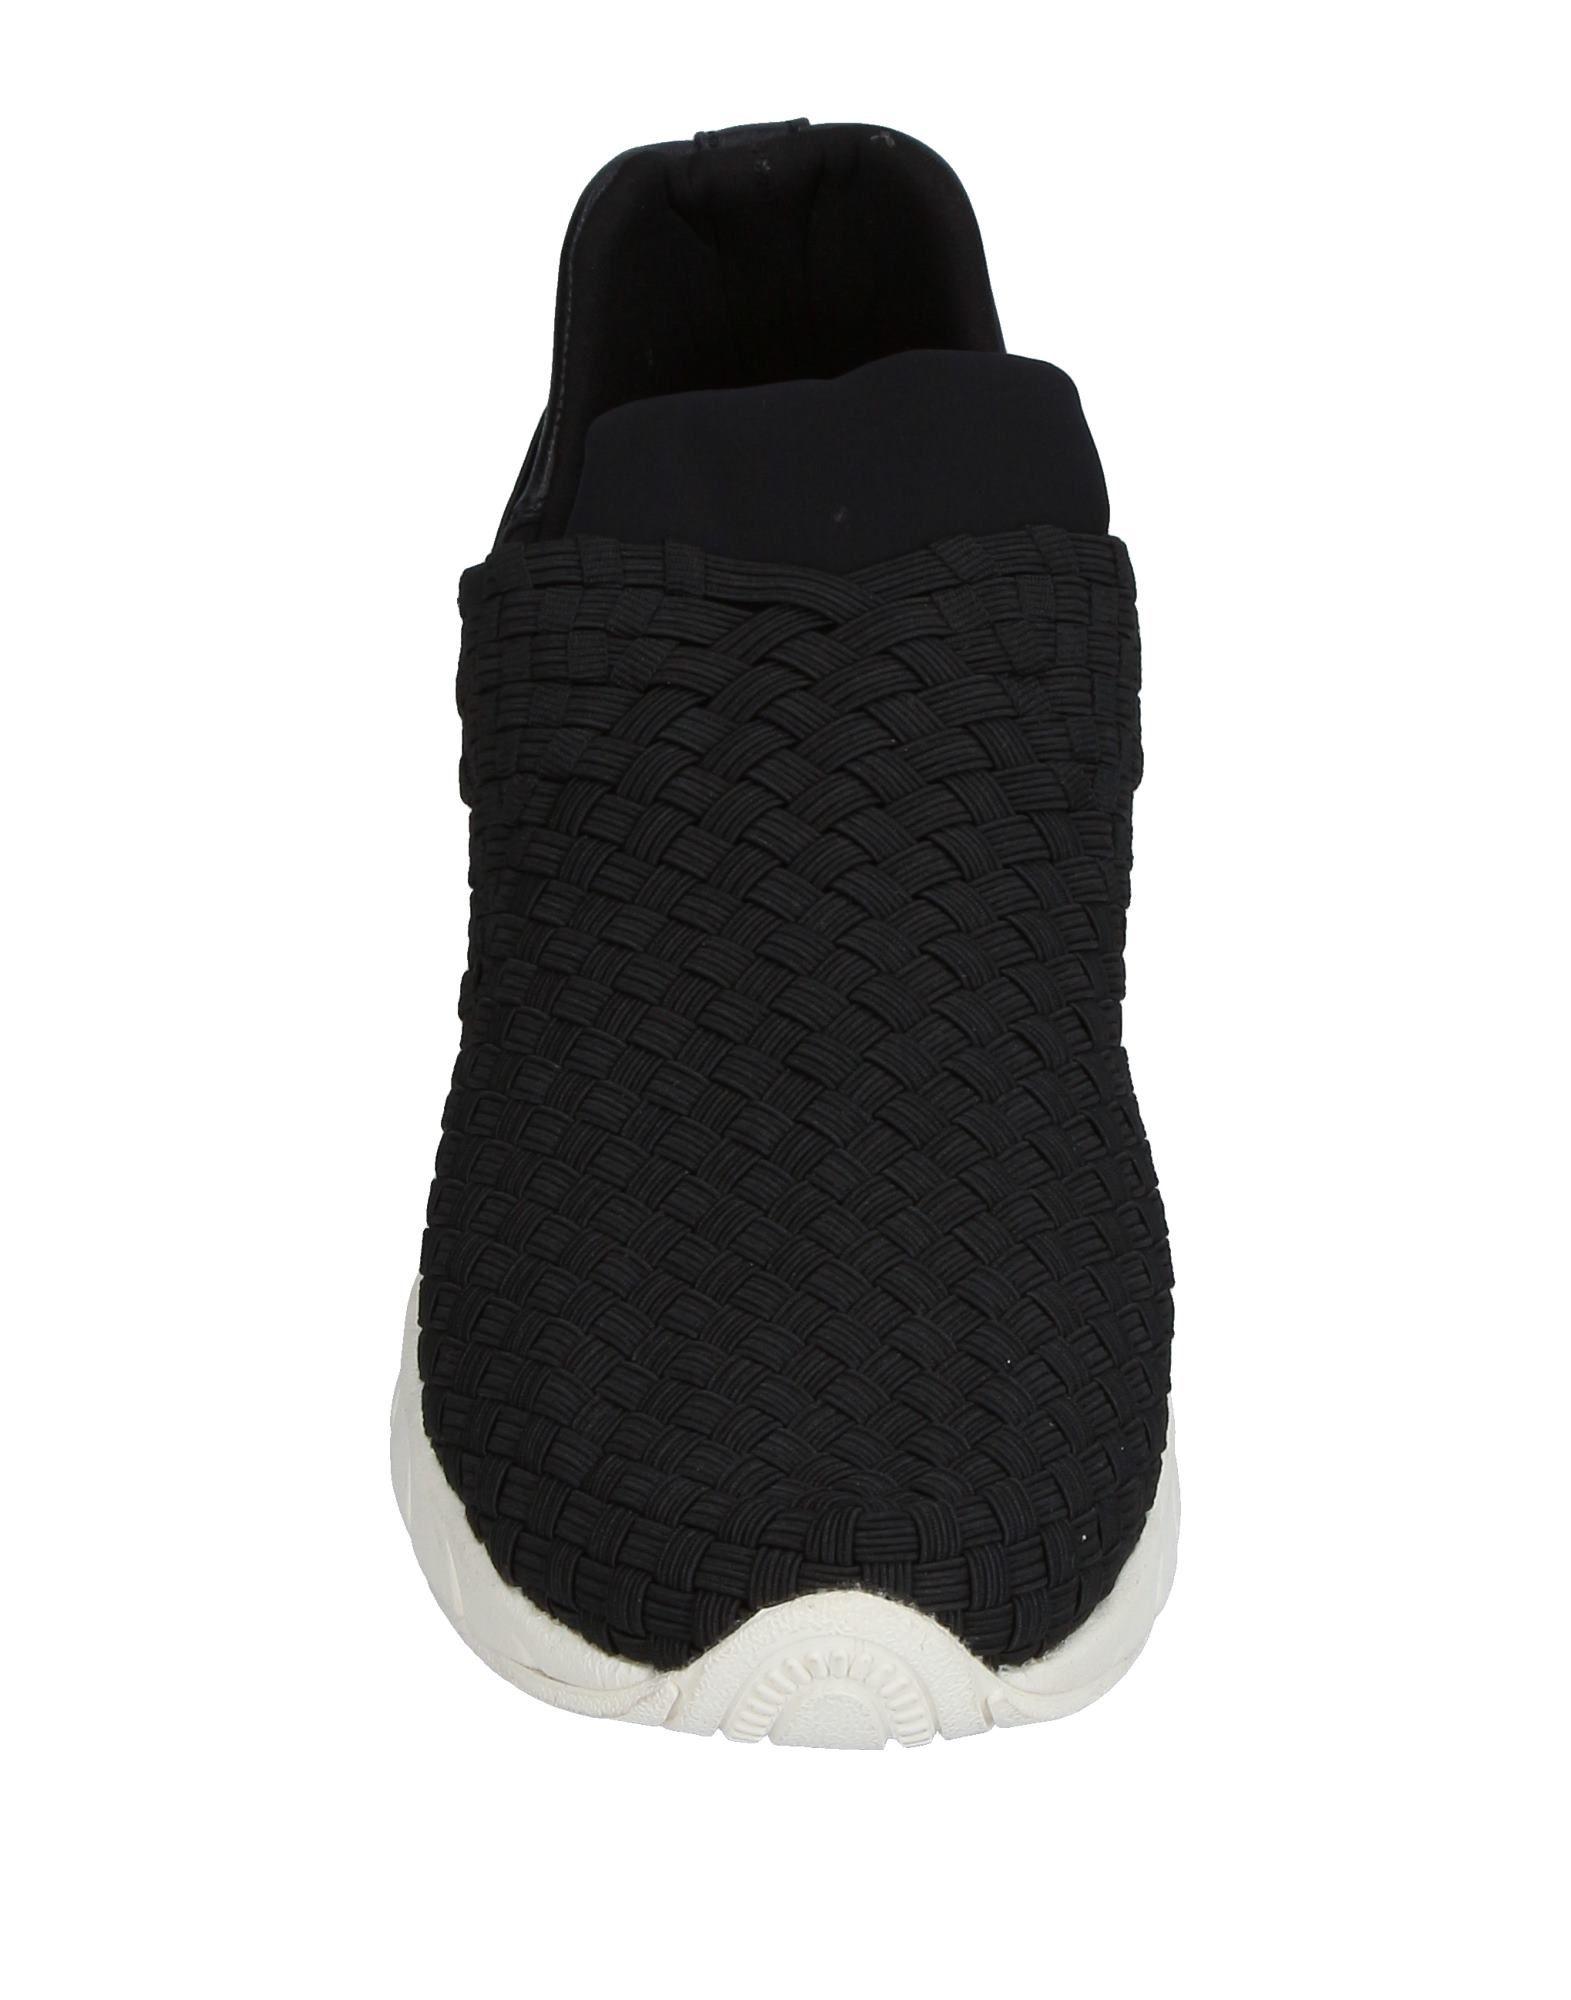 Sneakers Bernie Mev. Mev. Mev. Donna - 11237660CE bd1b90